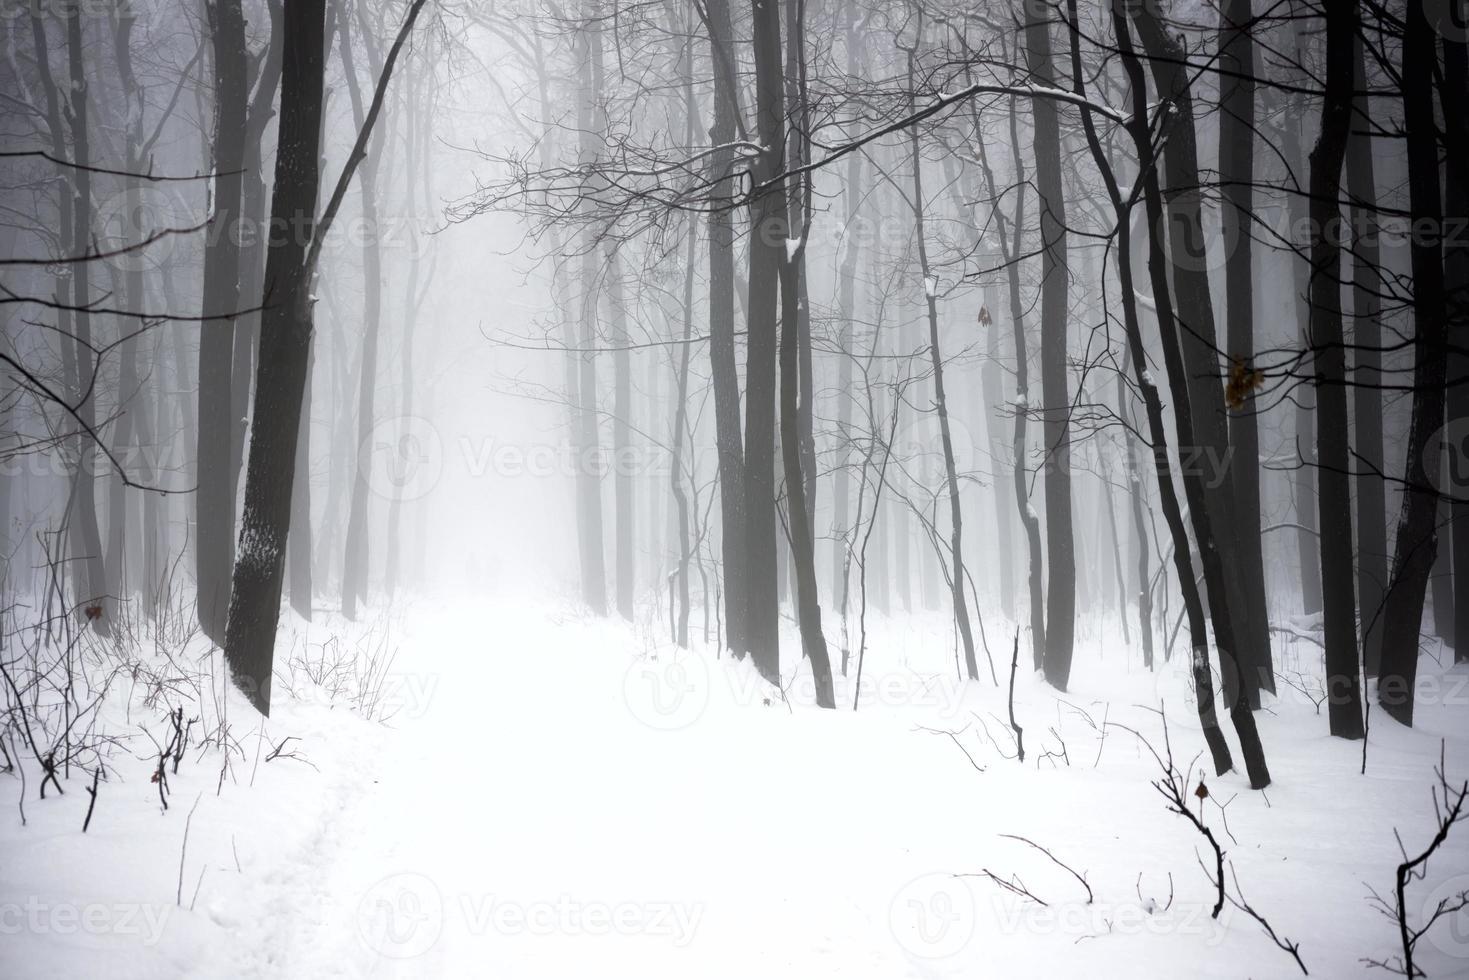 Winter nebligen Wald foto